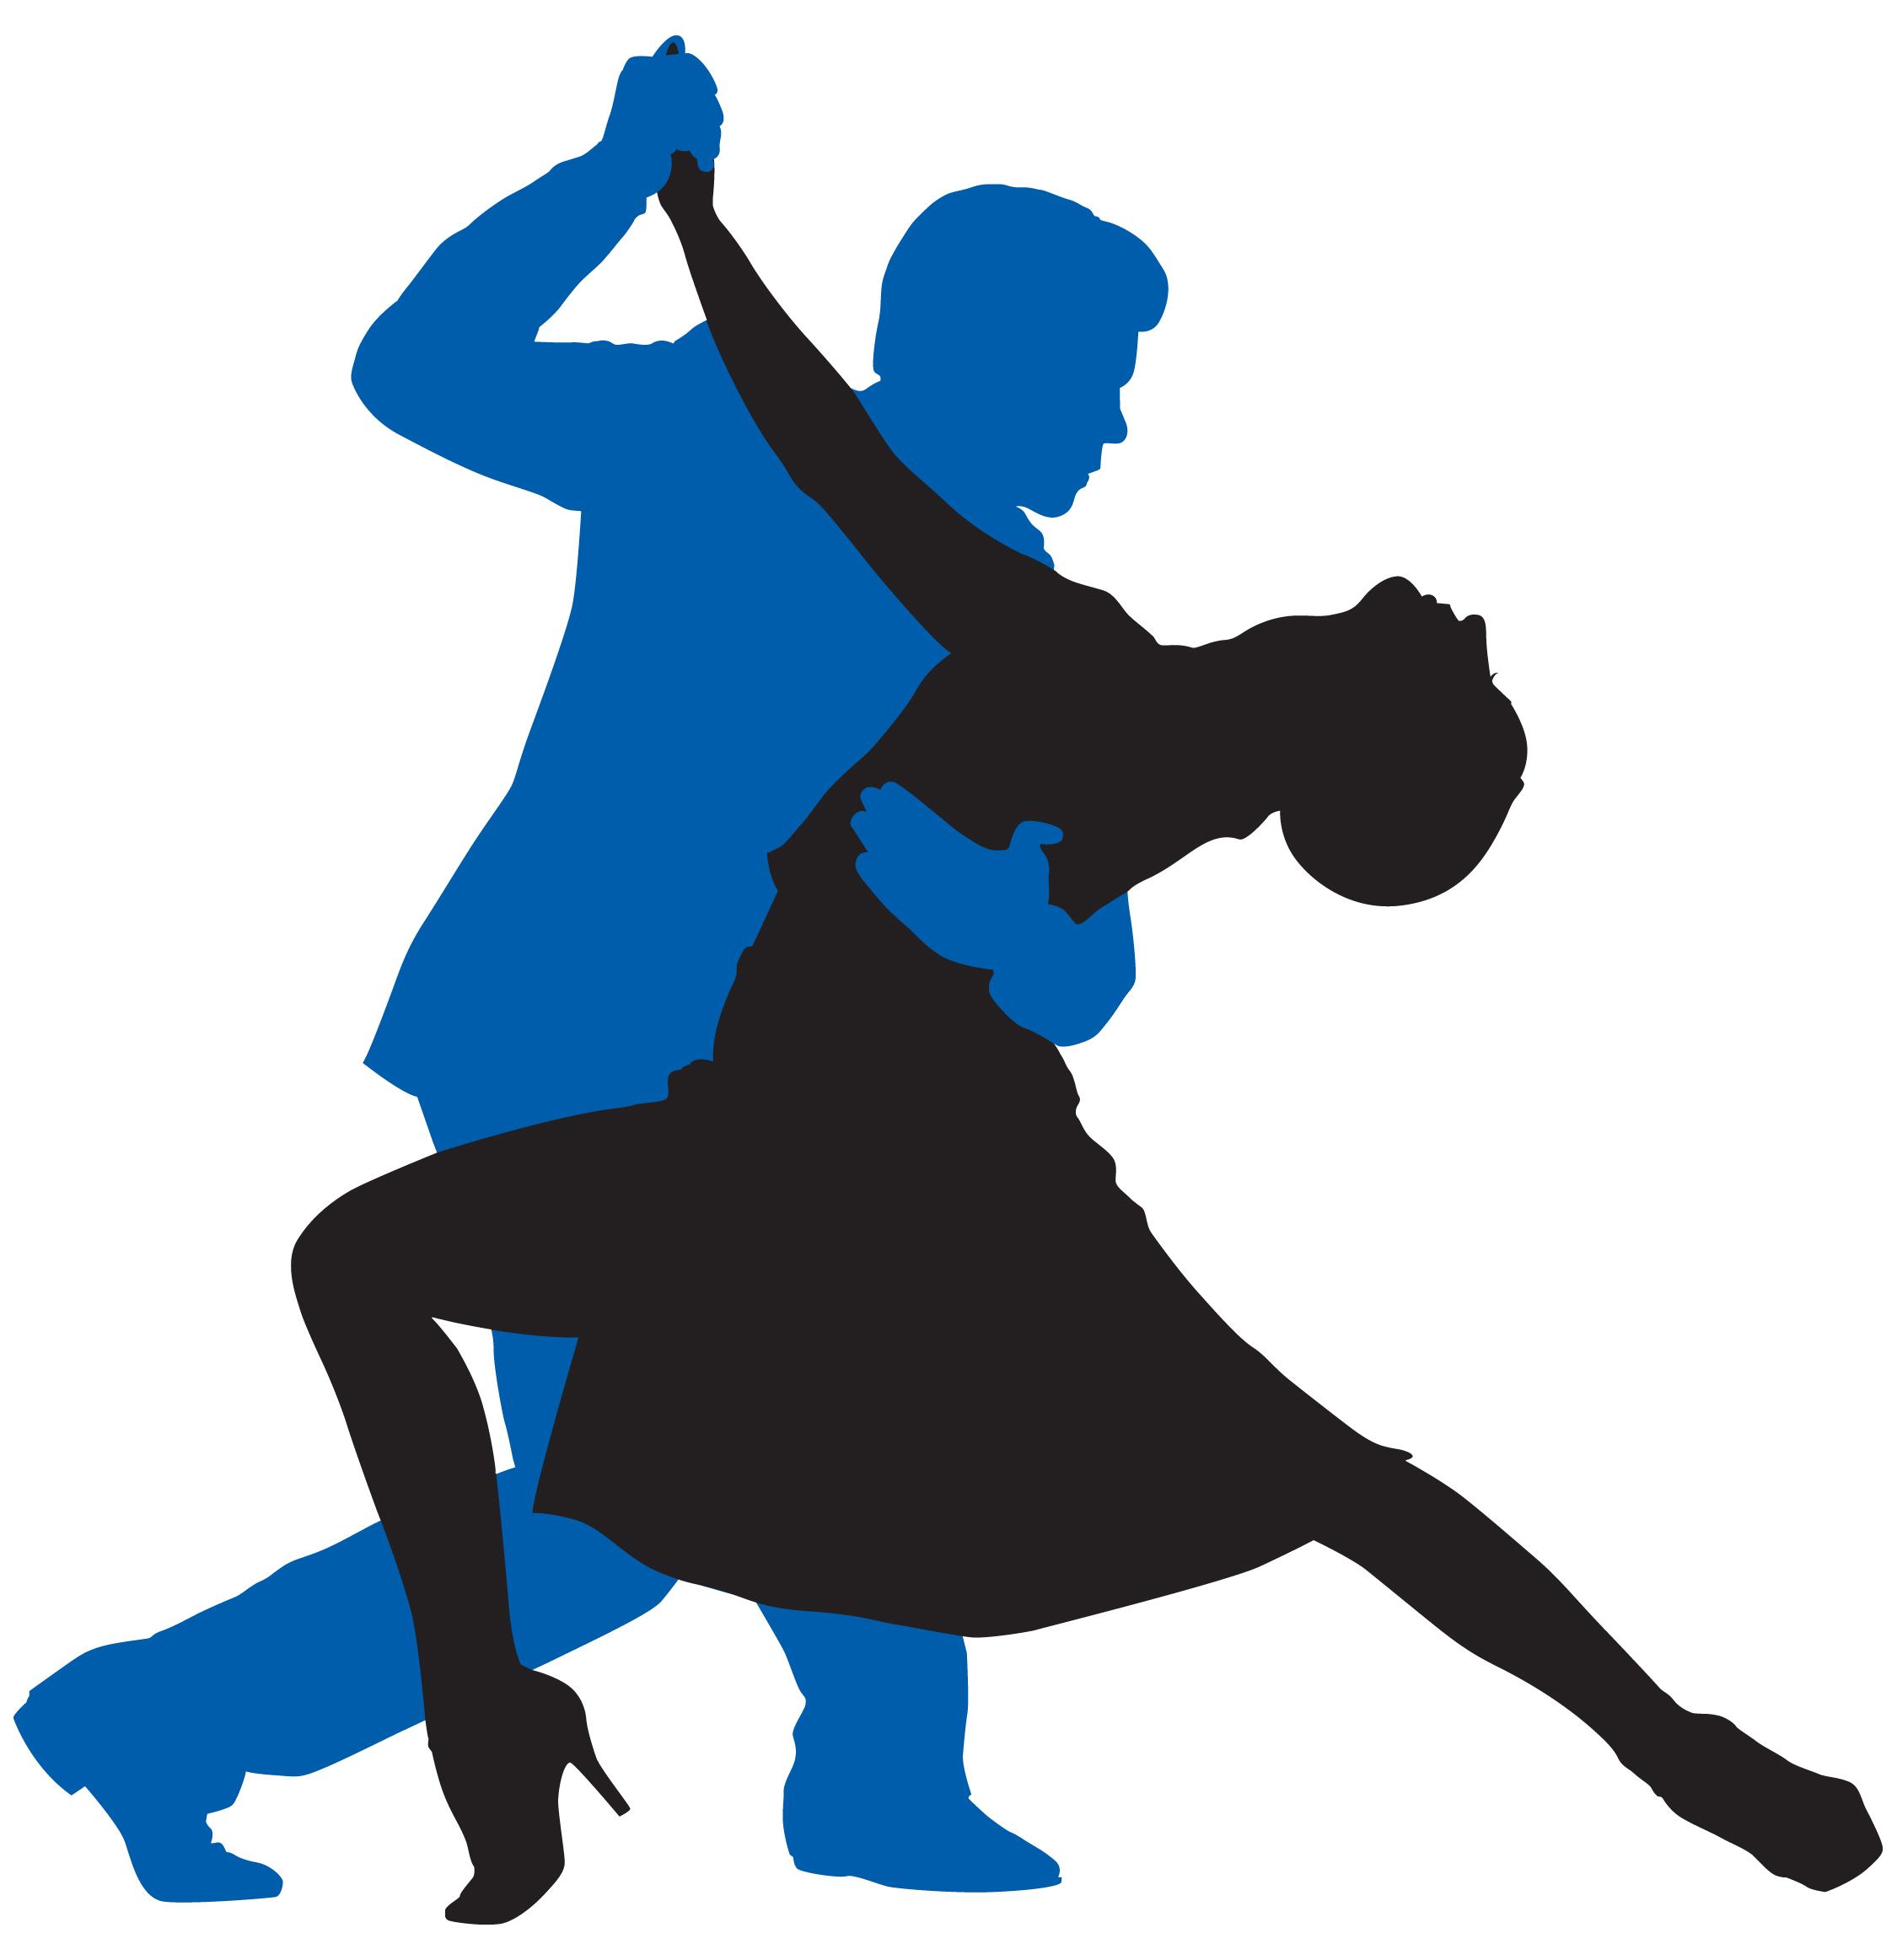 Ballroom Dancing Clip Art ..-Ballroom Dancing Clip Art ..-12